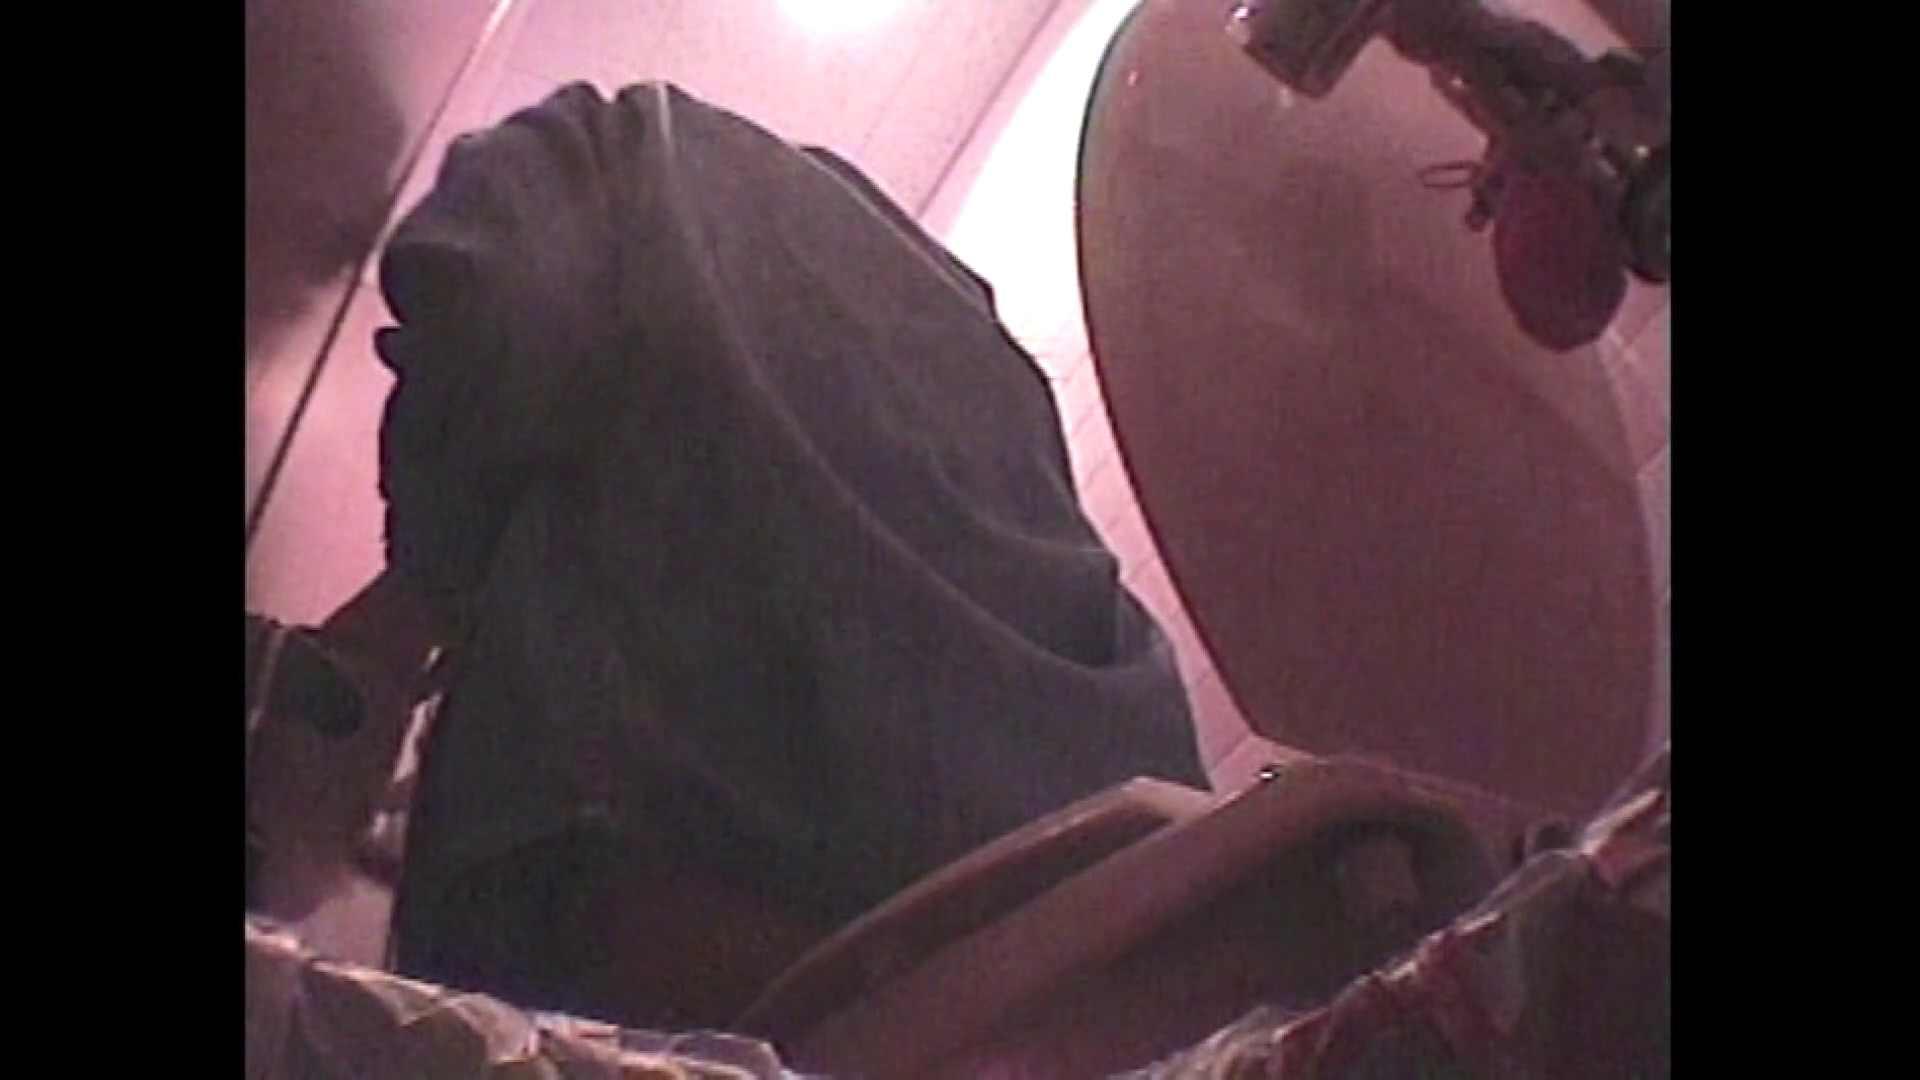 レース場での秘め事 Vol.10 洗面所のぞき アダルト動画キャプチャ 110枚 92